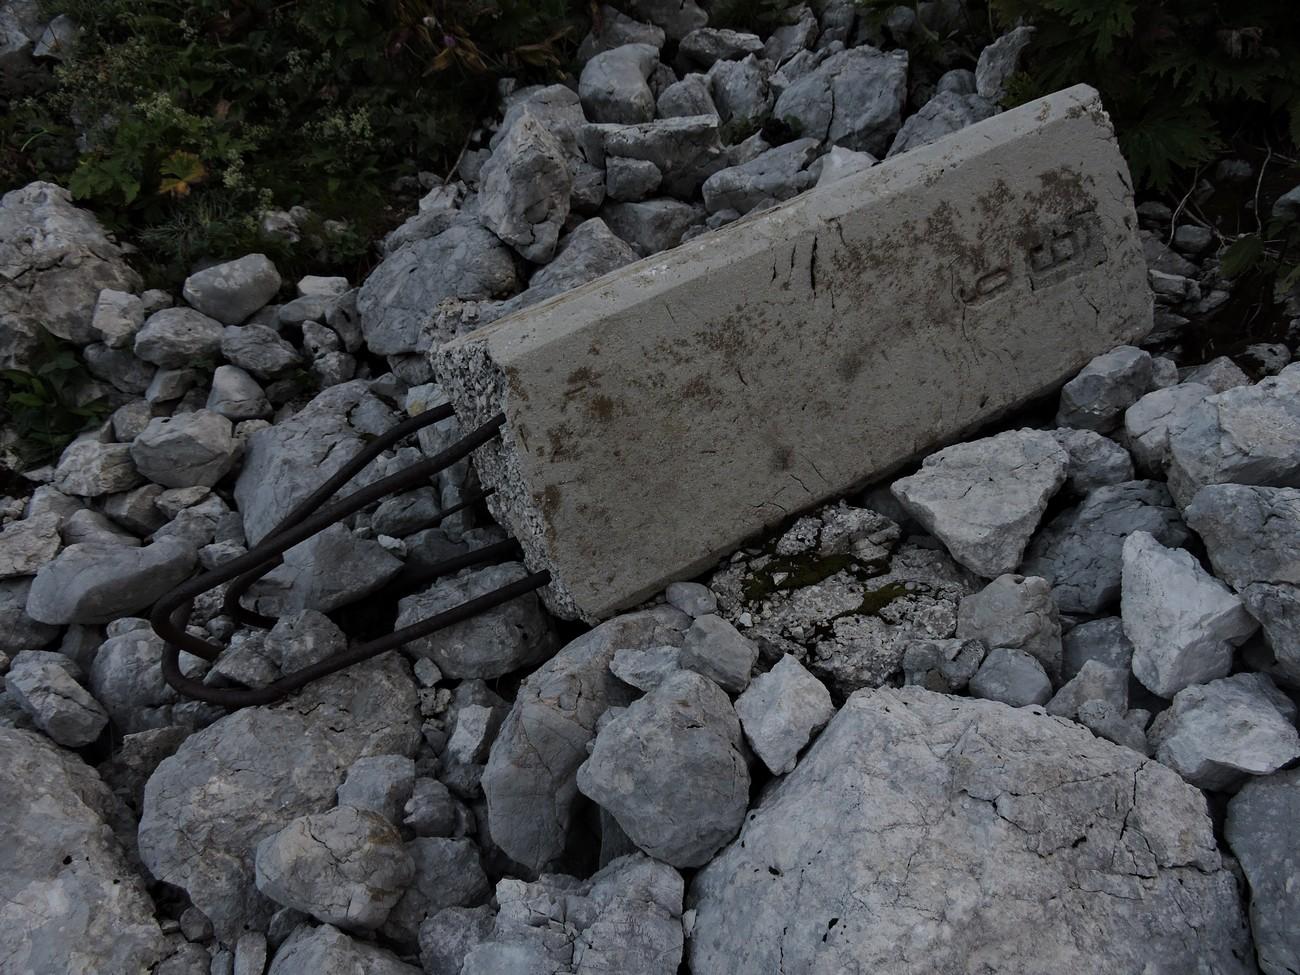 Številni mejniki v visokogorju so bili po drugi svetovni vojni uničeni, nekateri pa zgolj prekucnjeni v sekundarno lego. V celoti ohranjen sektorski mejnik št. 9 pod sedlom Luknja nad dolino Zadnjice leži nekaj deset metrov pod mestom, kjer je stal. Avtor fotografije: Matija Zorn.